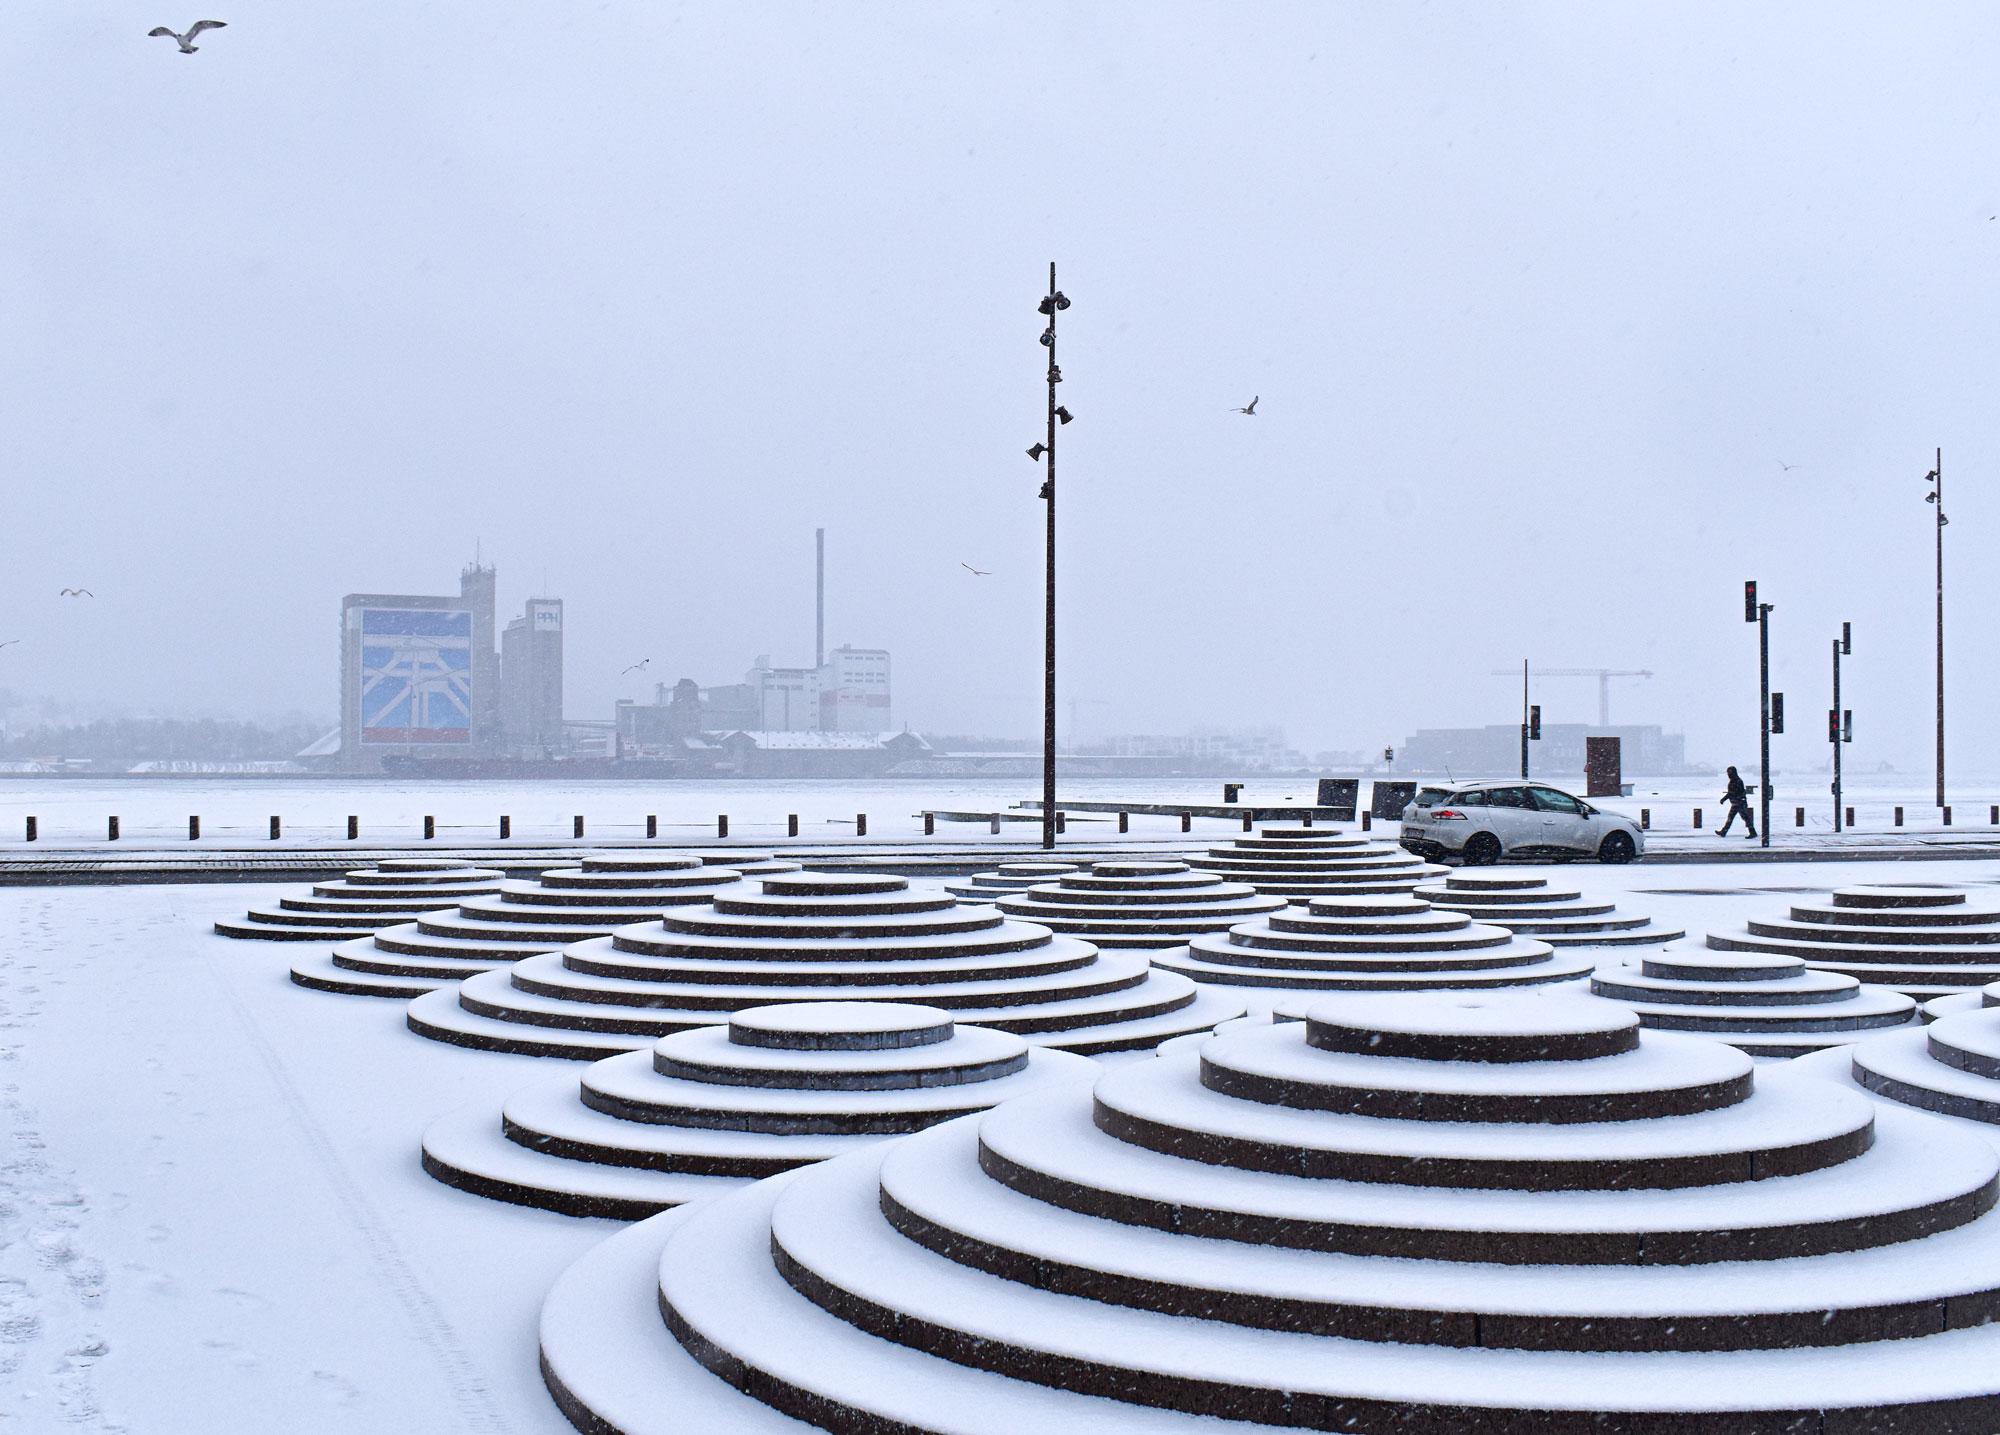 Sidste chance for en kælketur: Nu er det snart slut med sne og frostvejr